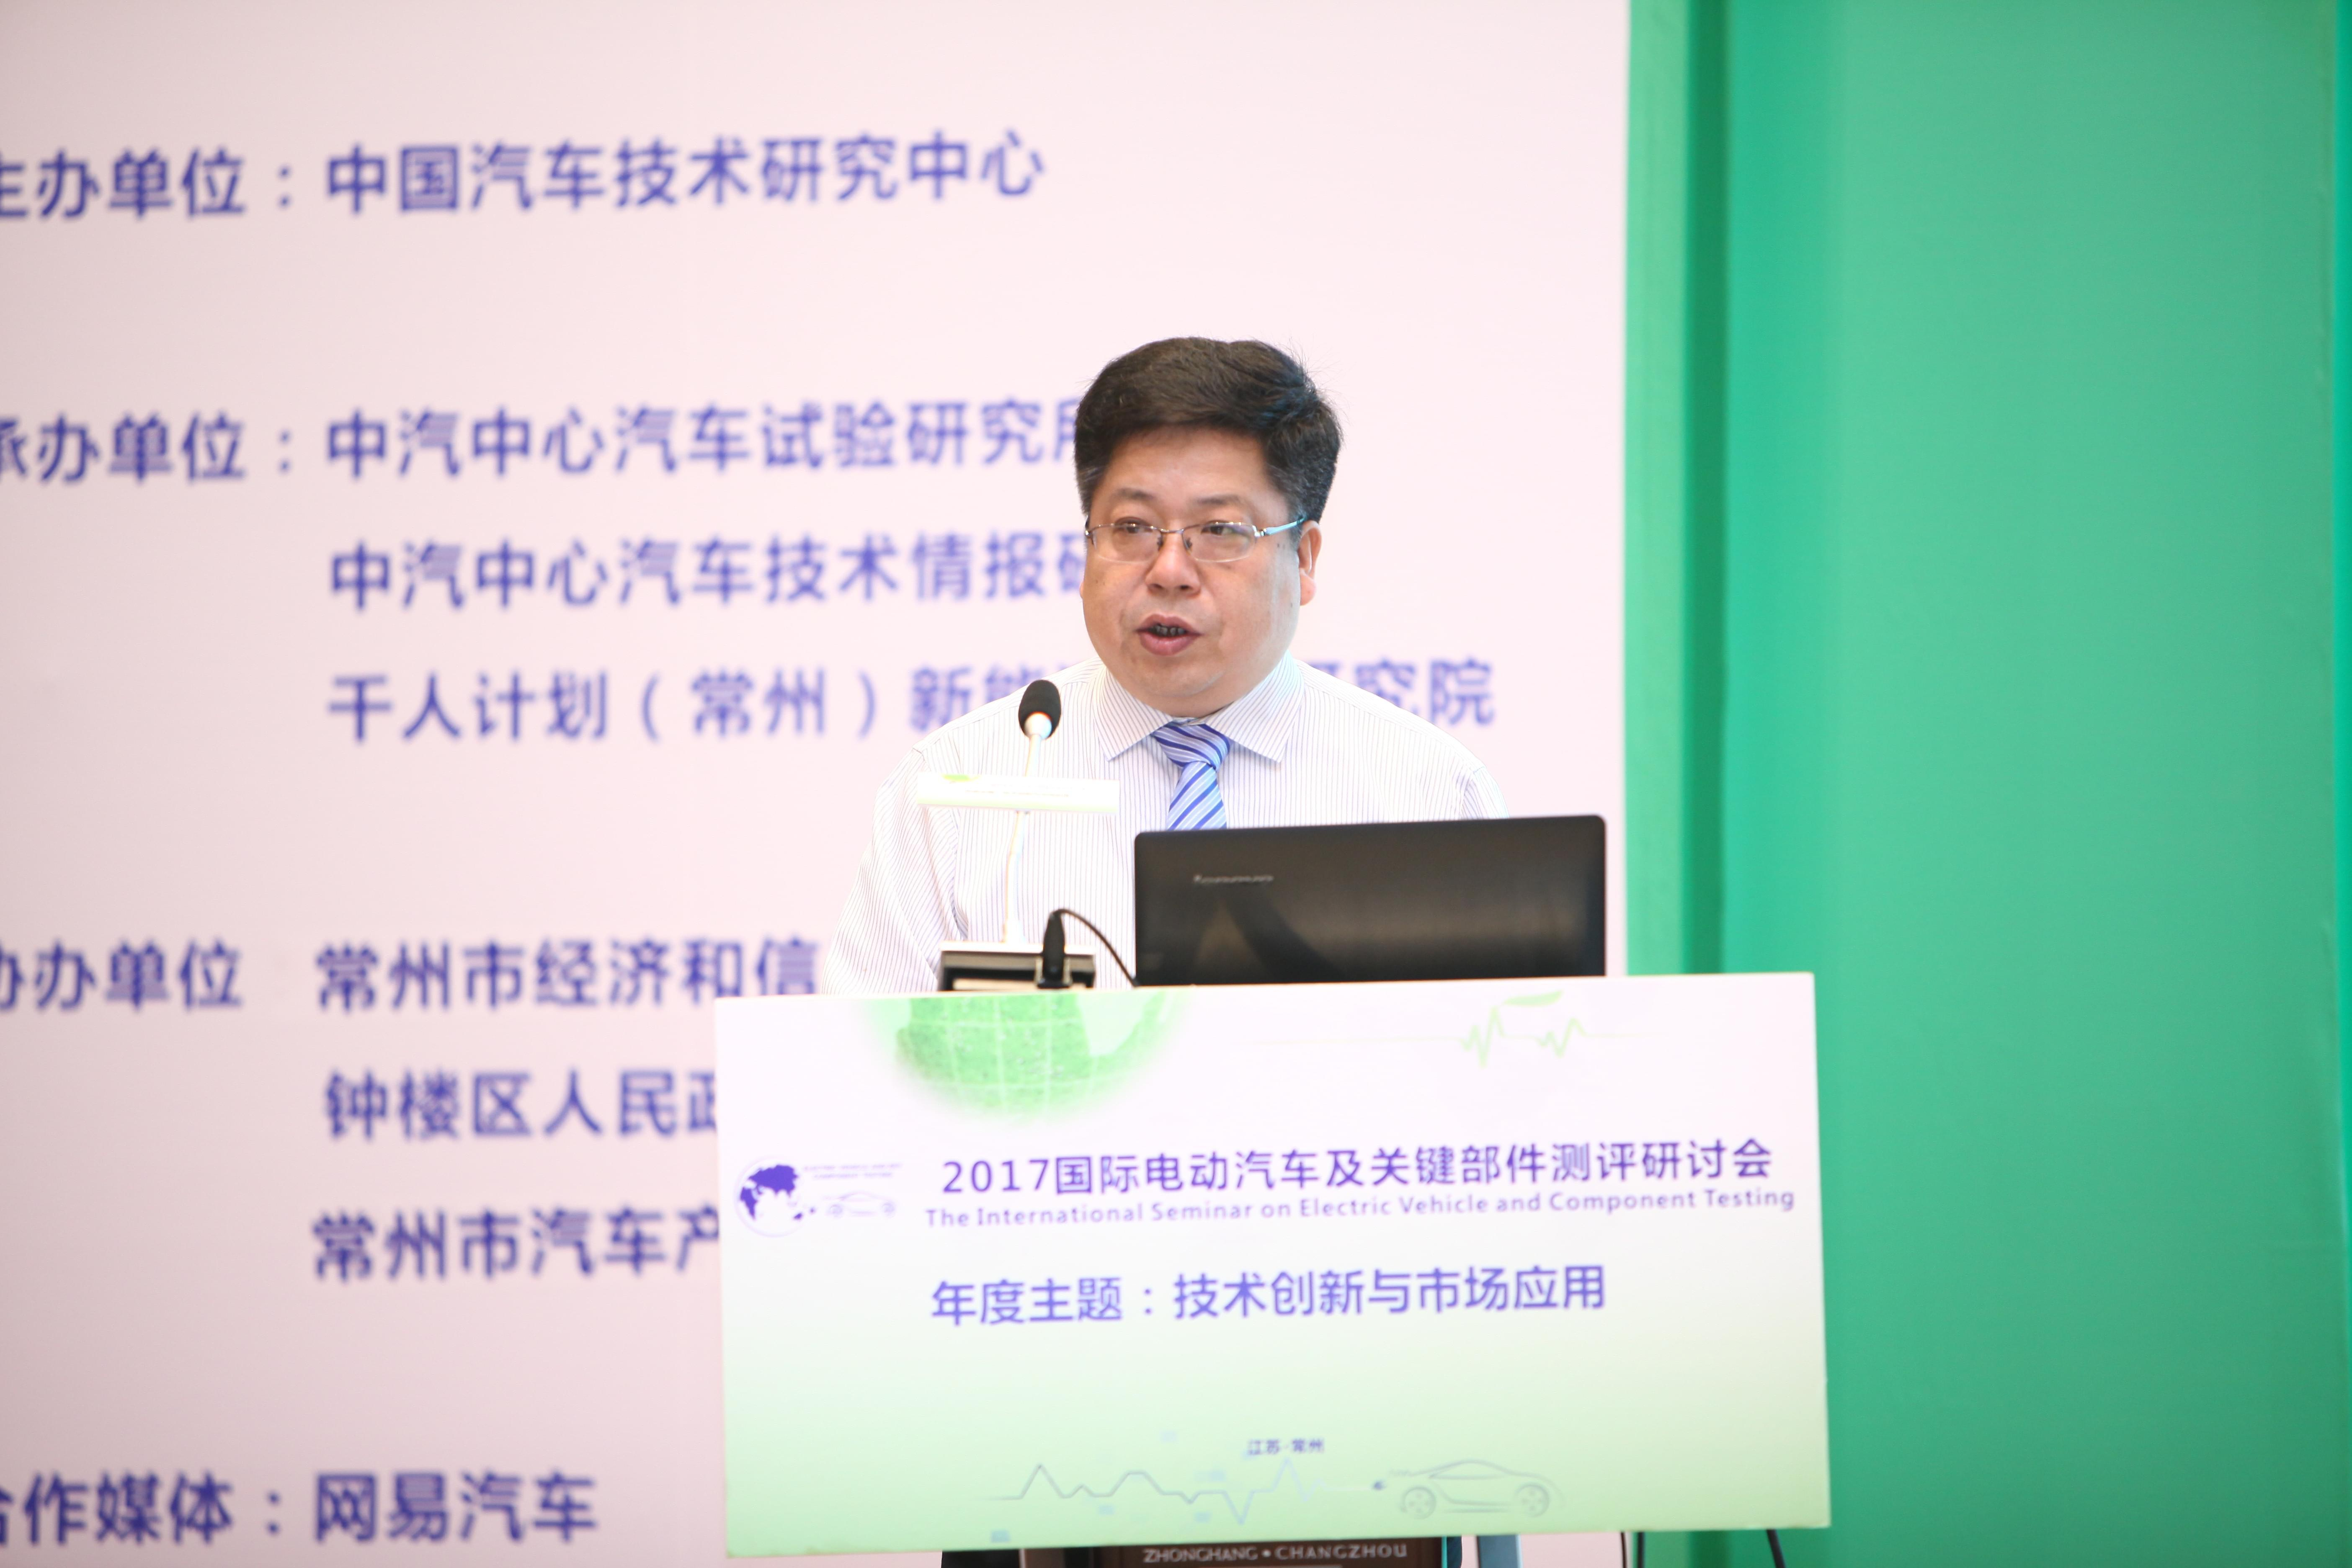 中国汽车技术研究中心副主任 吴志新